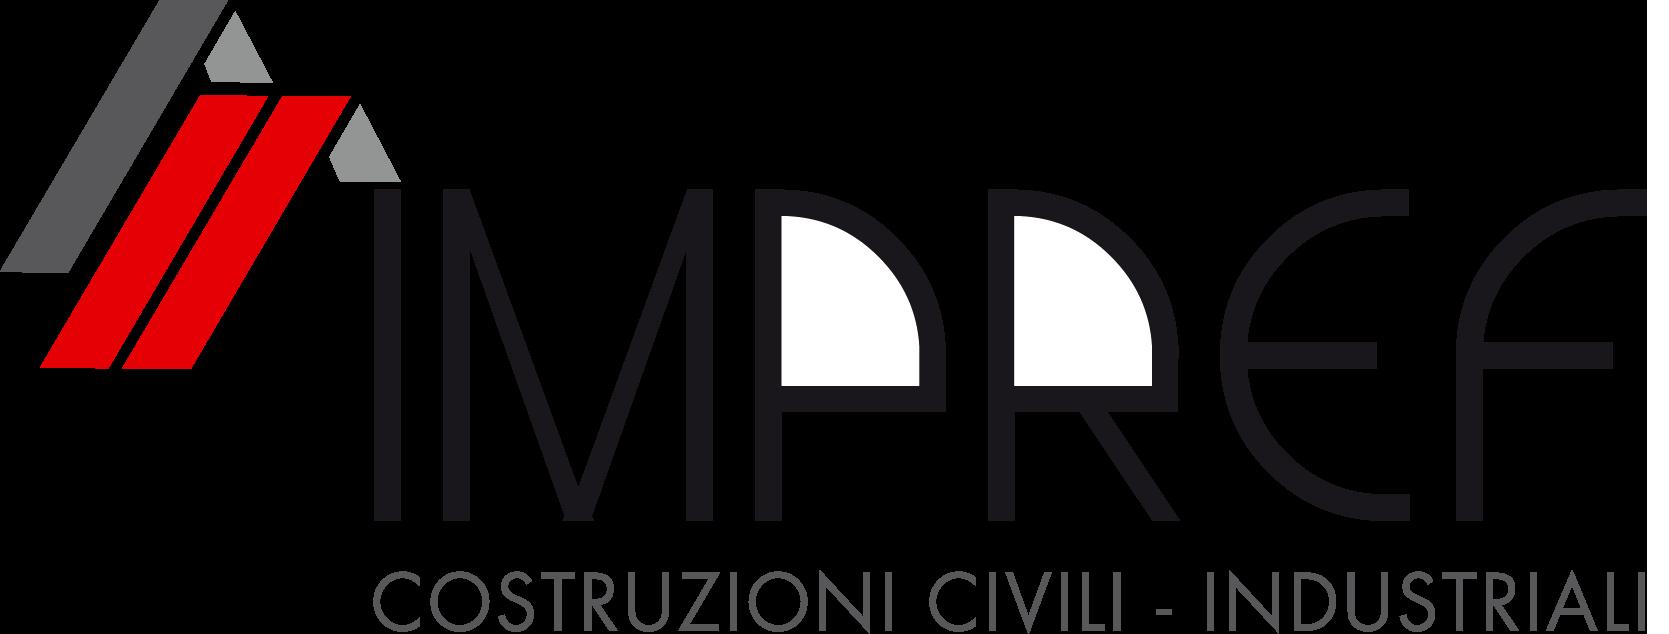 Impref - Costruzioni civili e industriali